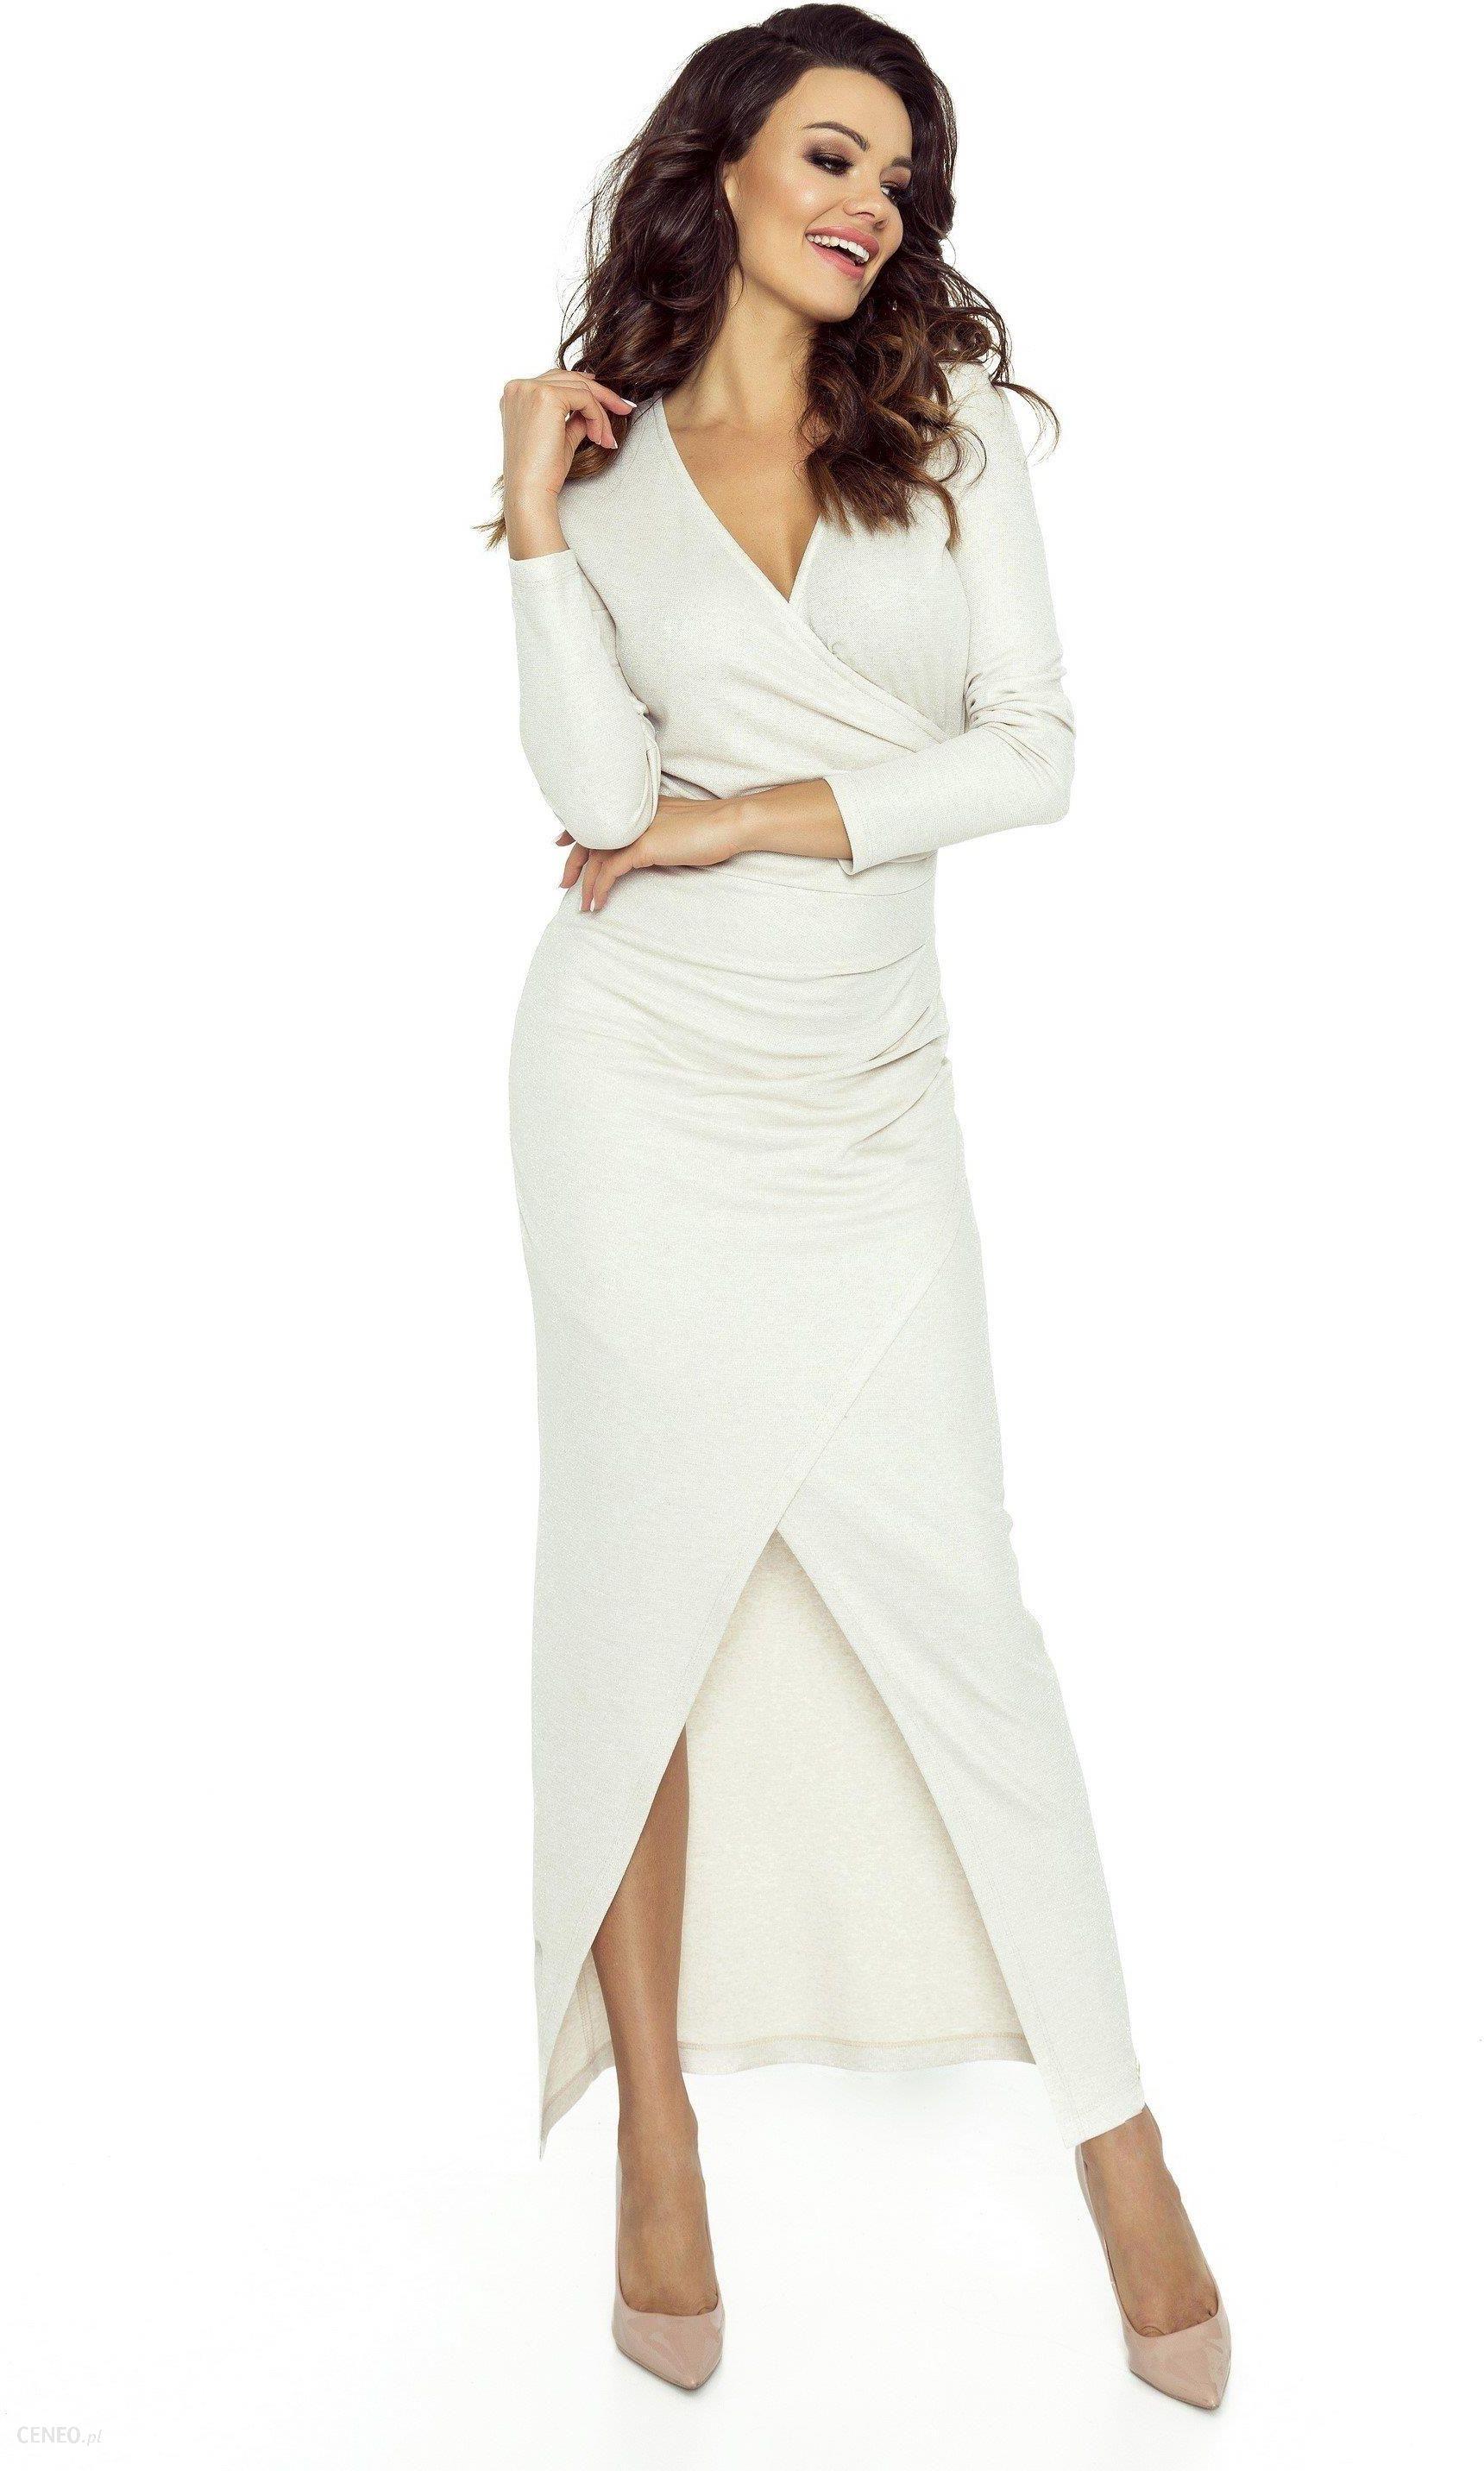 5e733fcecc Kopertowa sukienka maxi Beżowa - Merita z długim rękawem - Ceny i ...